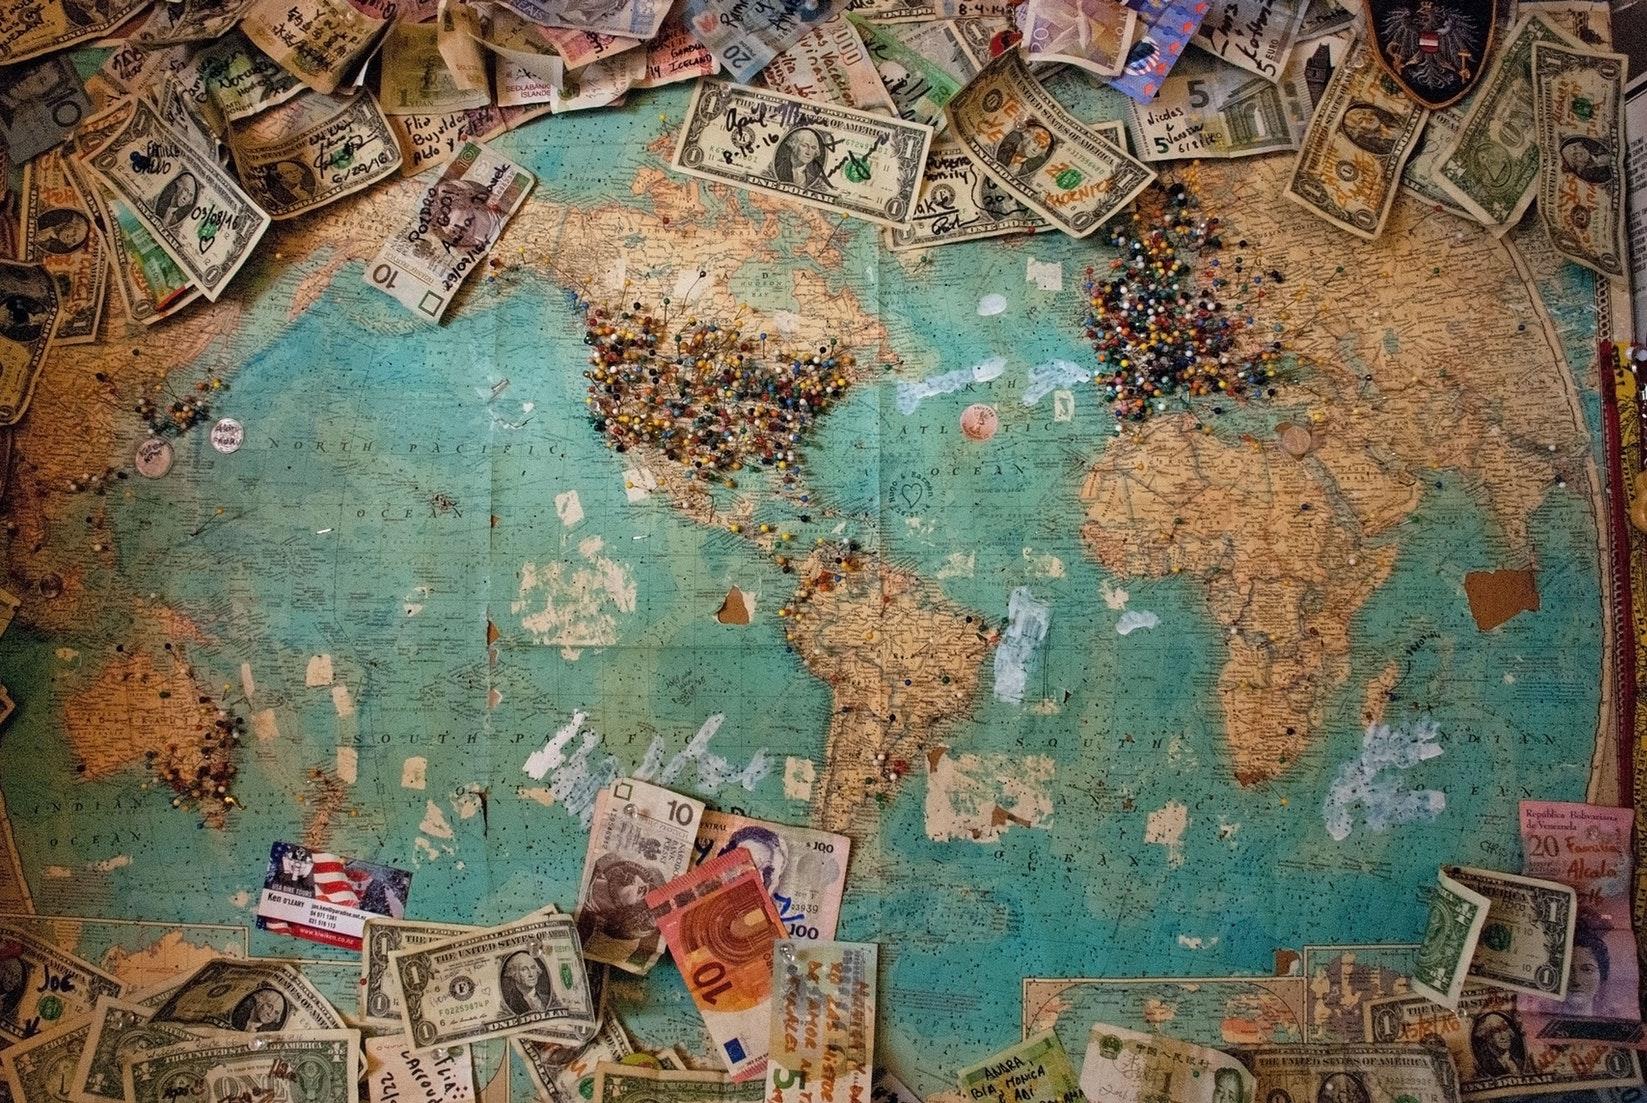 ¡En 2020, </br> da la VUELTA AL MUNDO </BR>  Todos los vuelos x menos de 1000€!